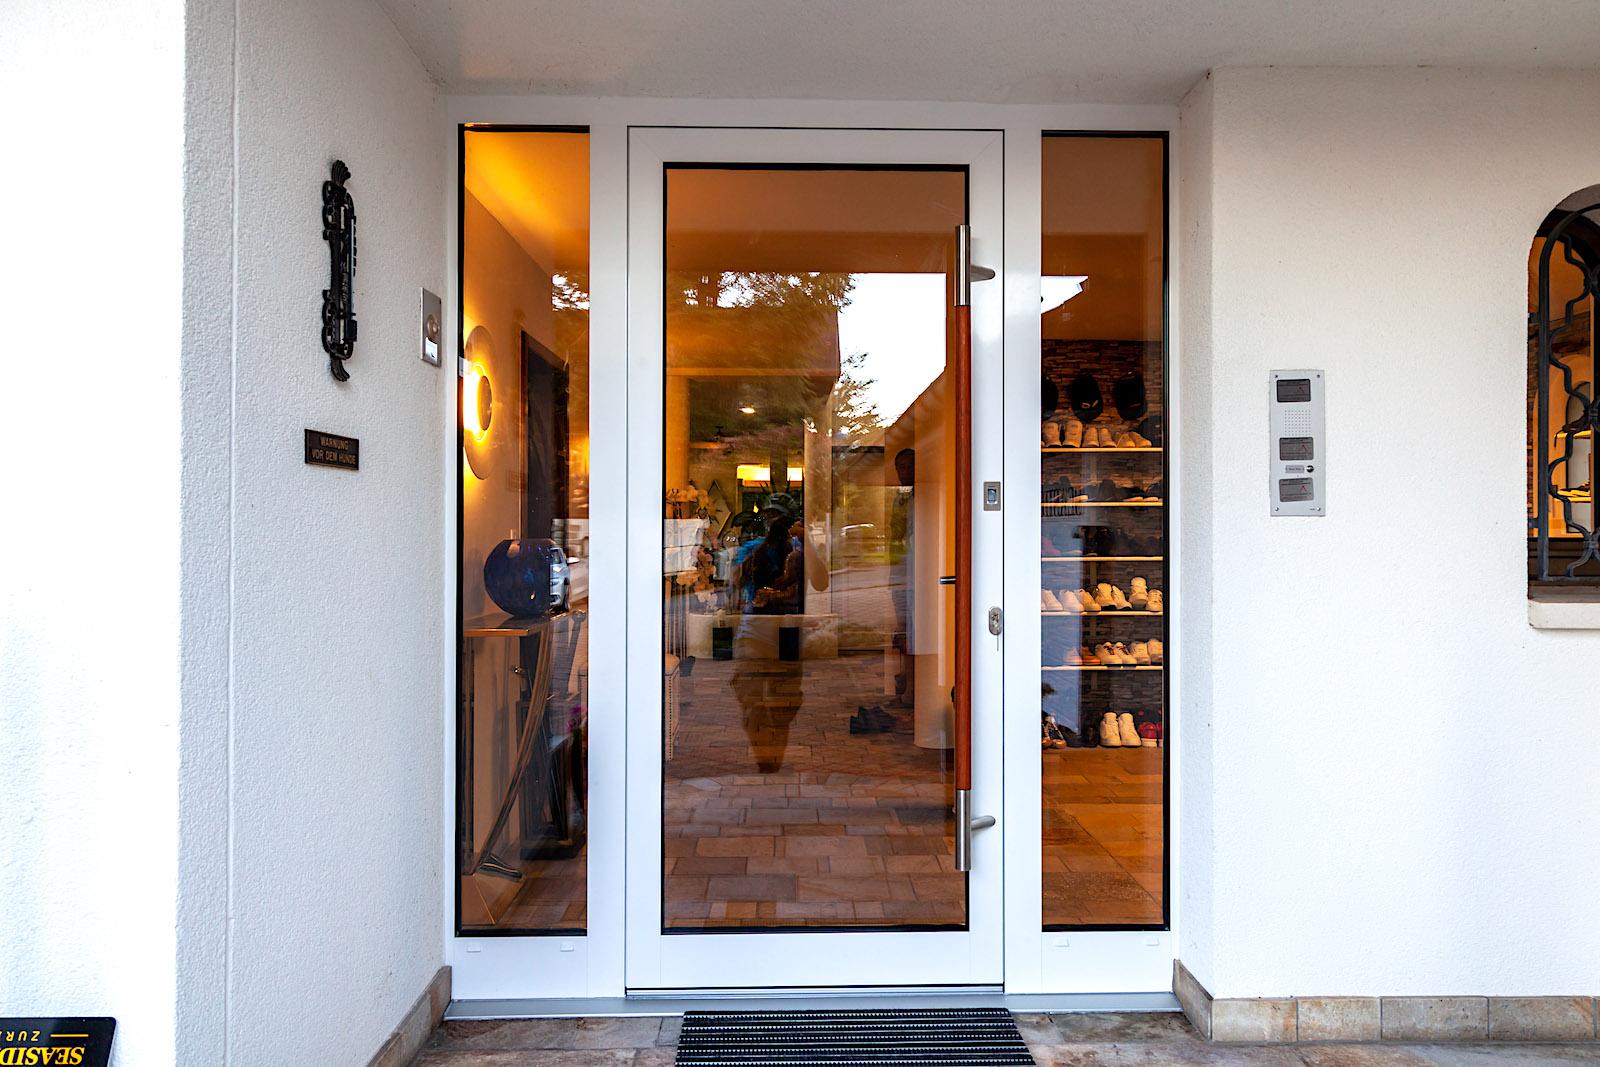 EFH in Tuggen - Aluminium-Eingangstür mit Fingerscan-Zutrittskontrolle und seitlichen FestverglasungenVerglasung: Verbundsicherheitsglas klar